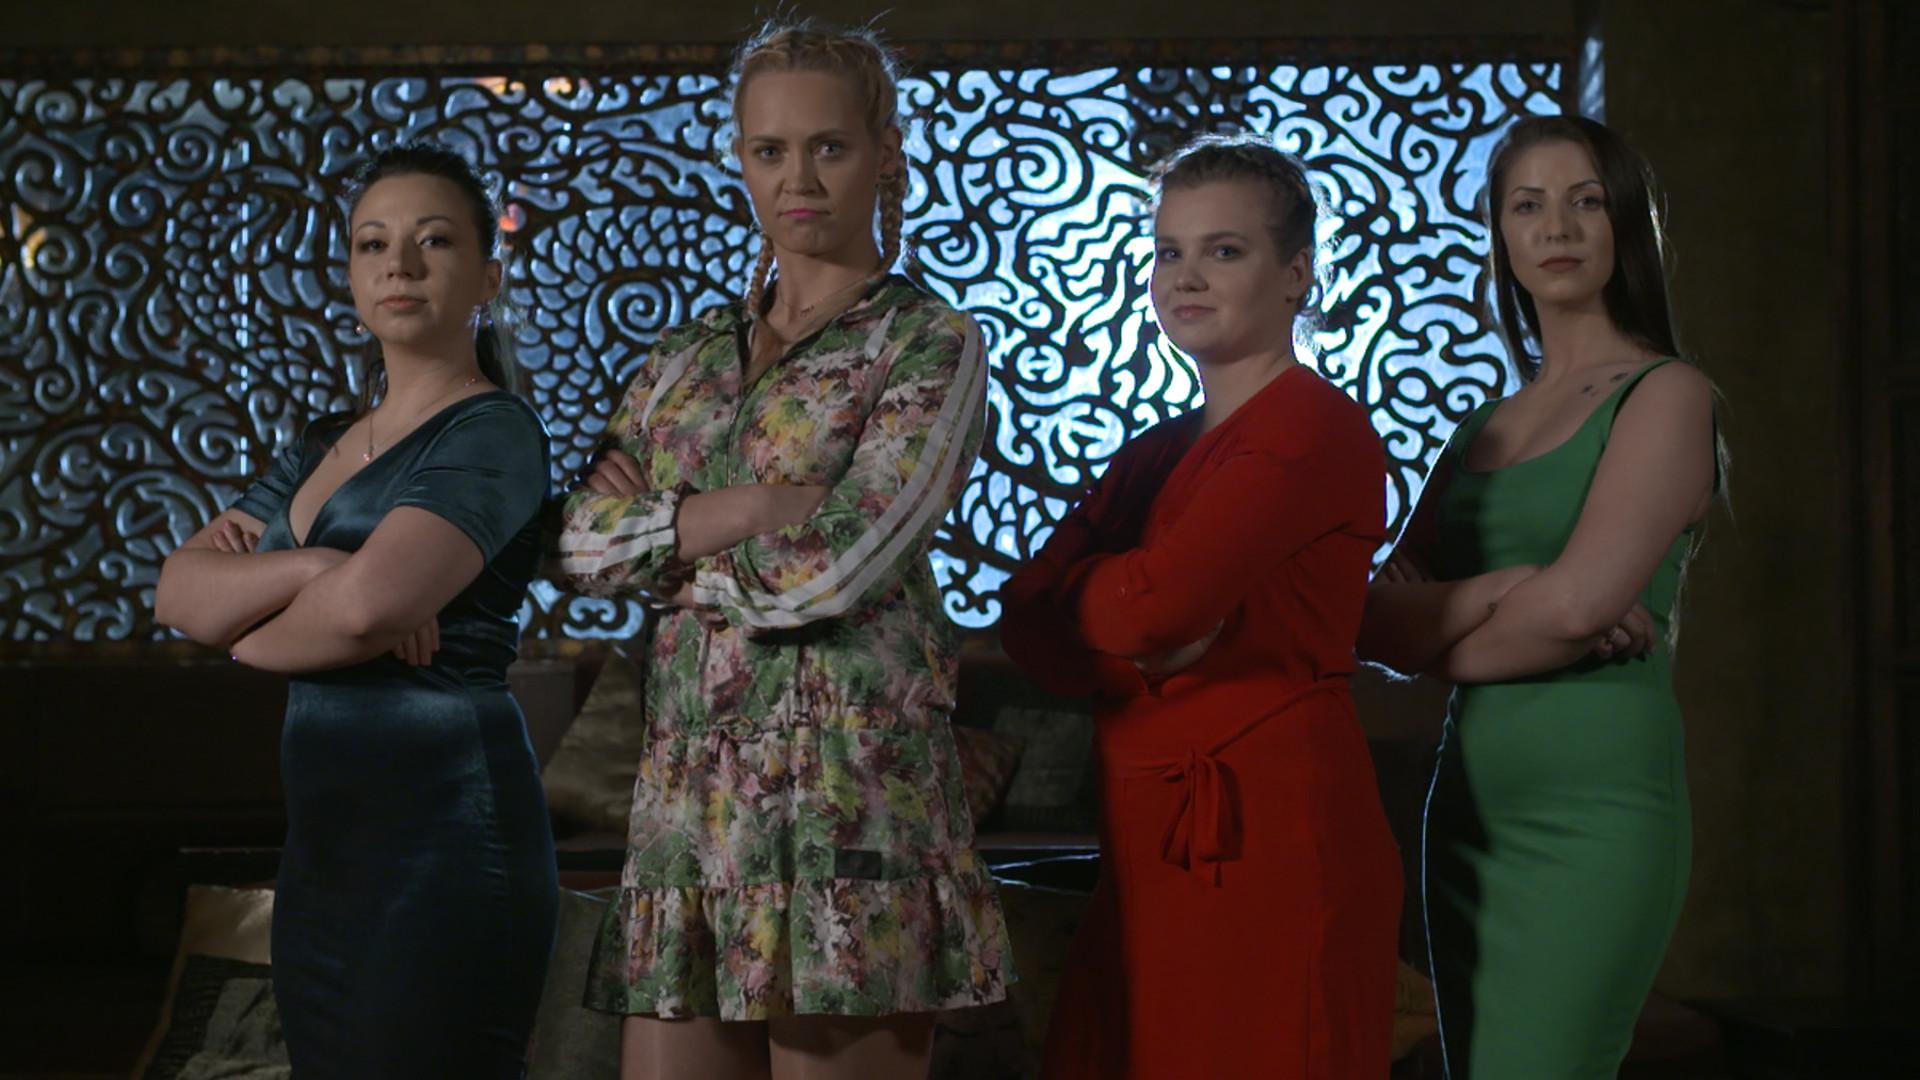 """Nowe show Polsatu może Cię zaskoczyć! O czym jest program """"Cztery wesela""""?"""